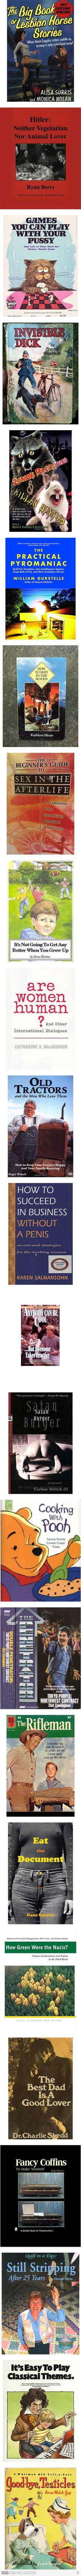 Worst book covers ever: http://9gag.com/gag/4034086